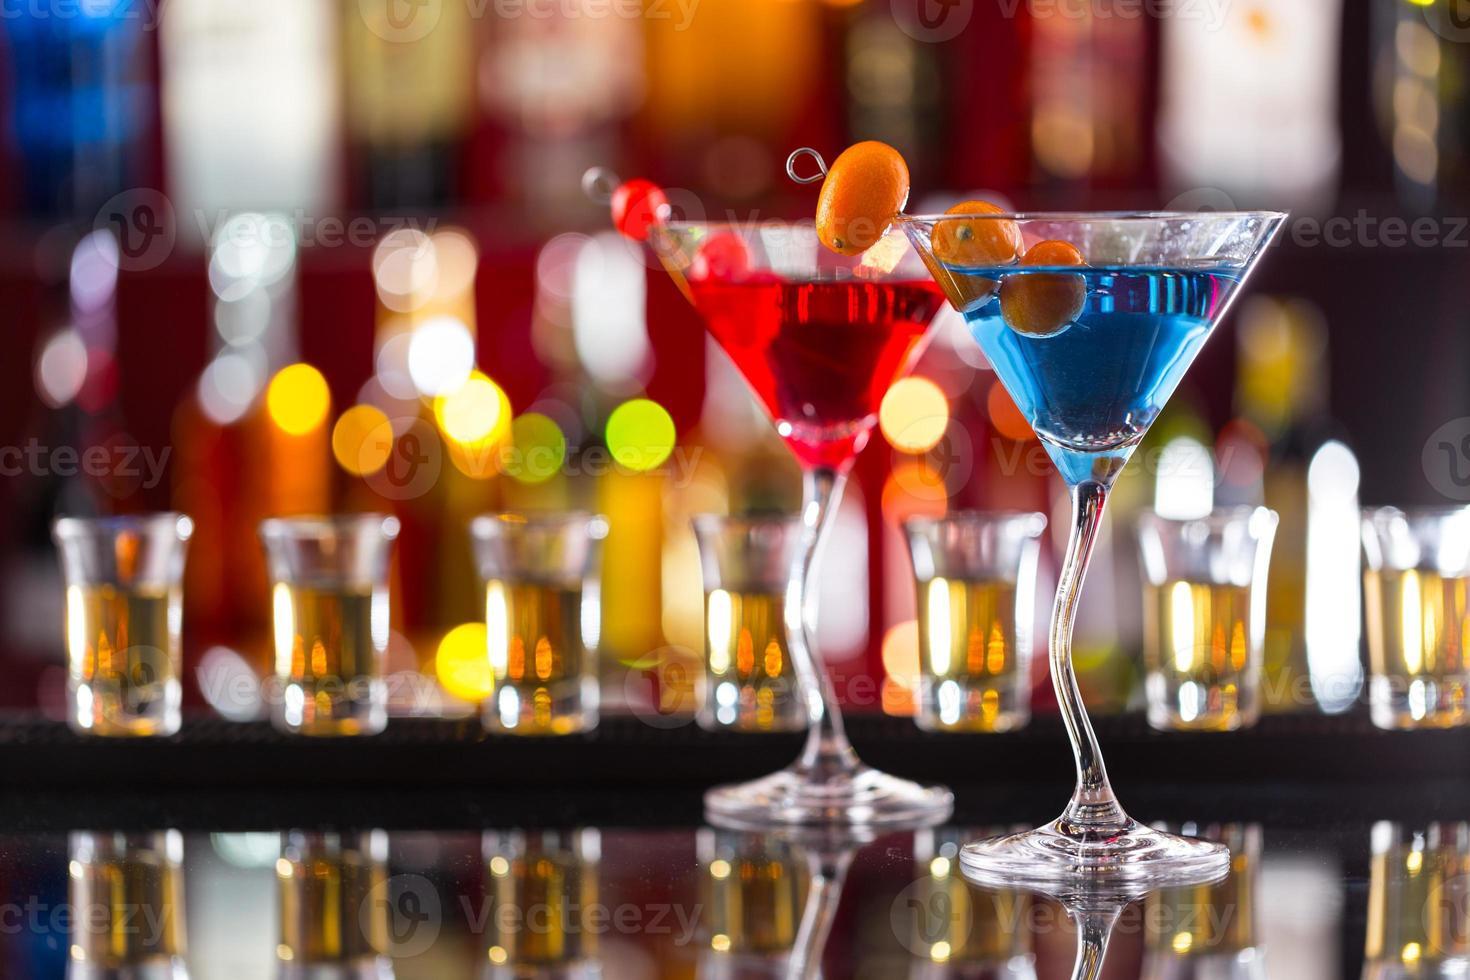 bevande martini servite sul bancone del bar foto